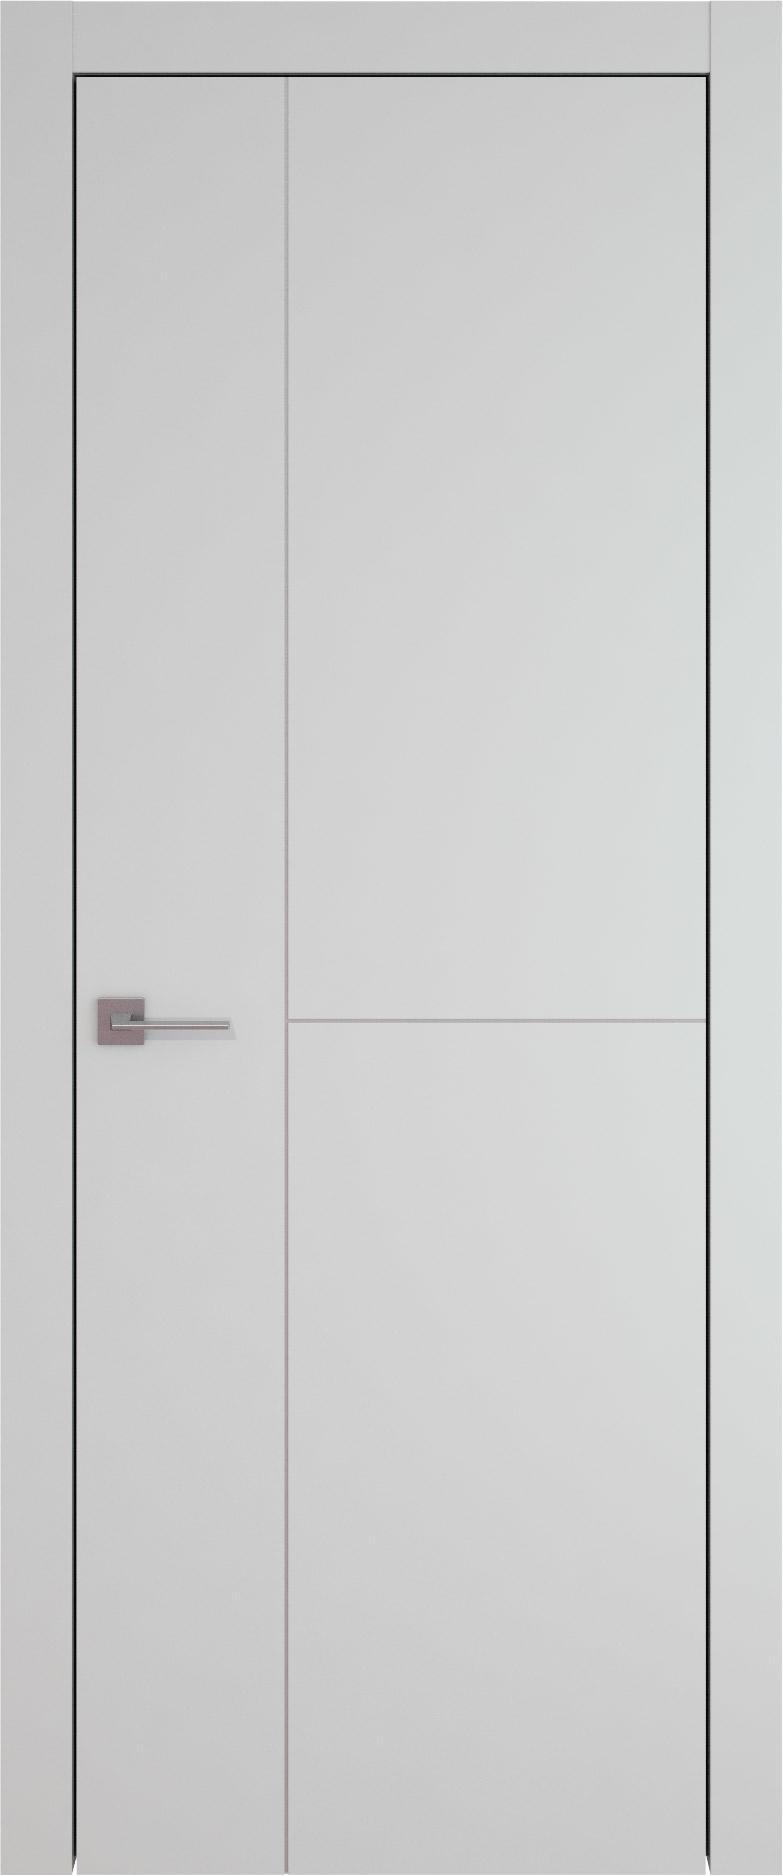 Tivoli Г-1 цвет - Серая эмаль (RAL 7047) Без стекла (ДГ)